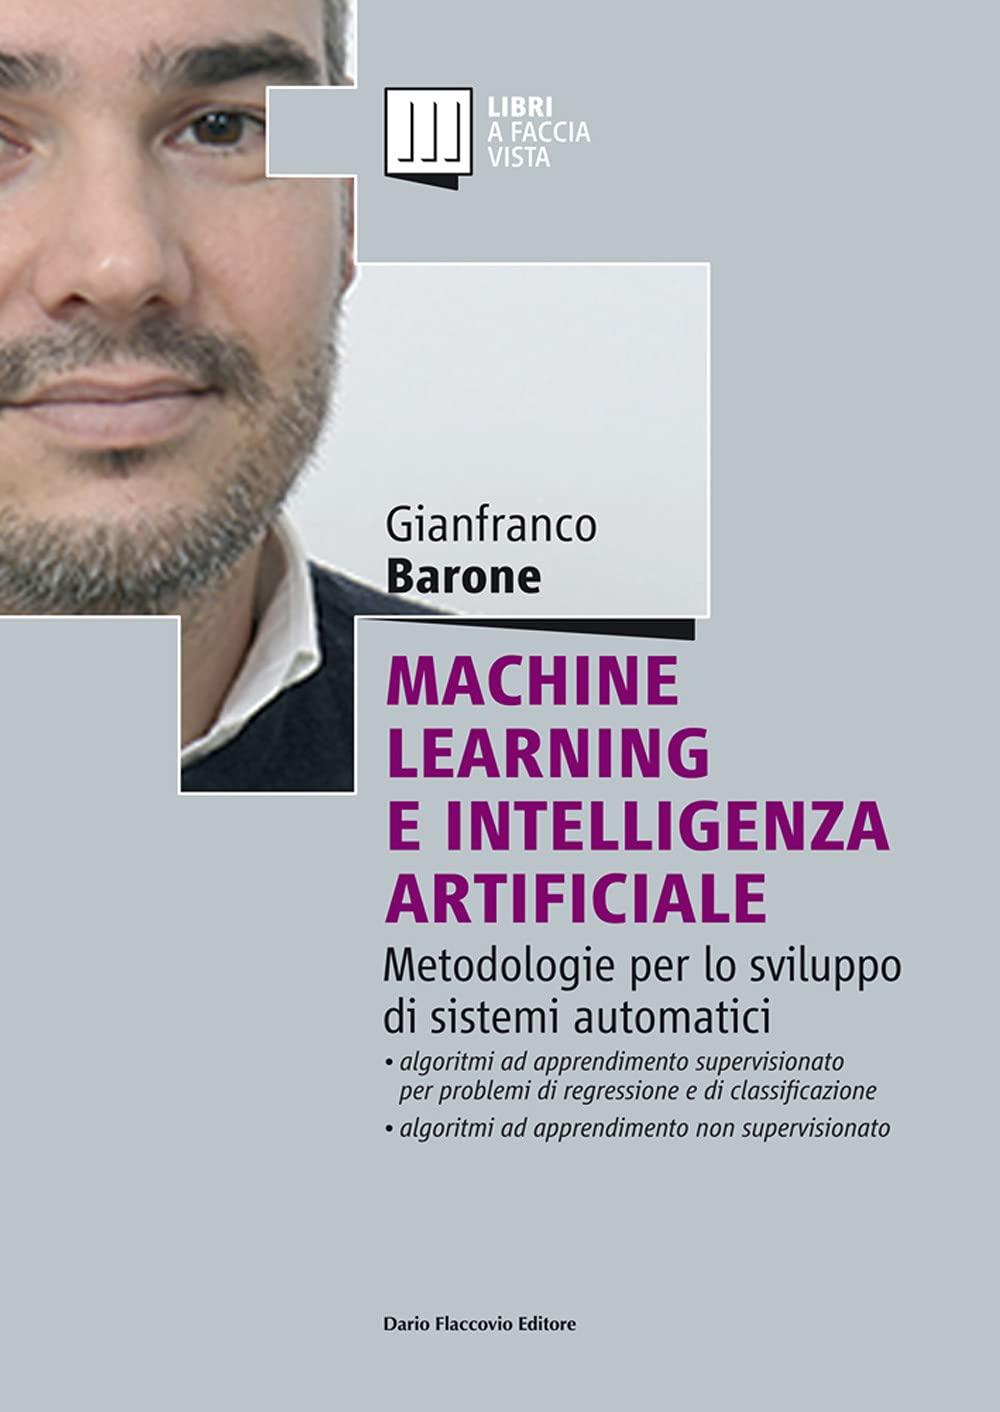 Machine Learning e Intelligenza Artificiale - Metodologie per lo sviluppo di sistemi automatici